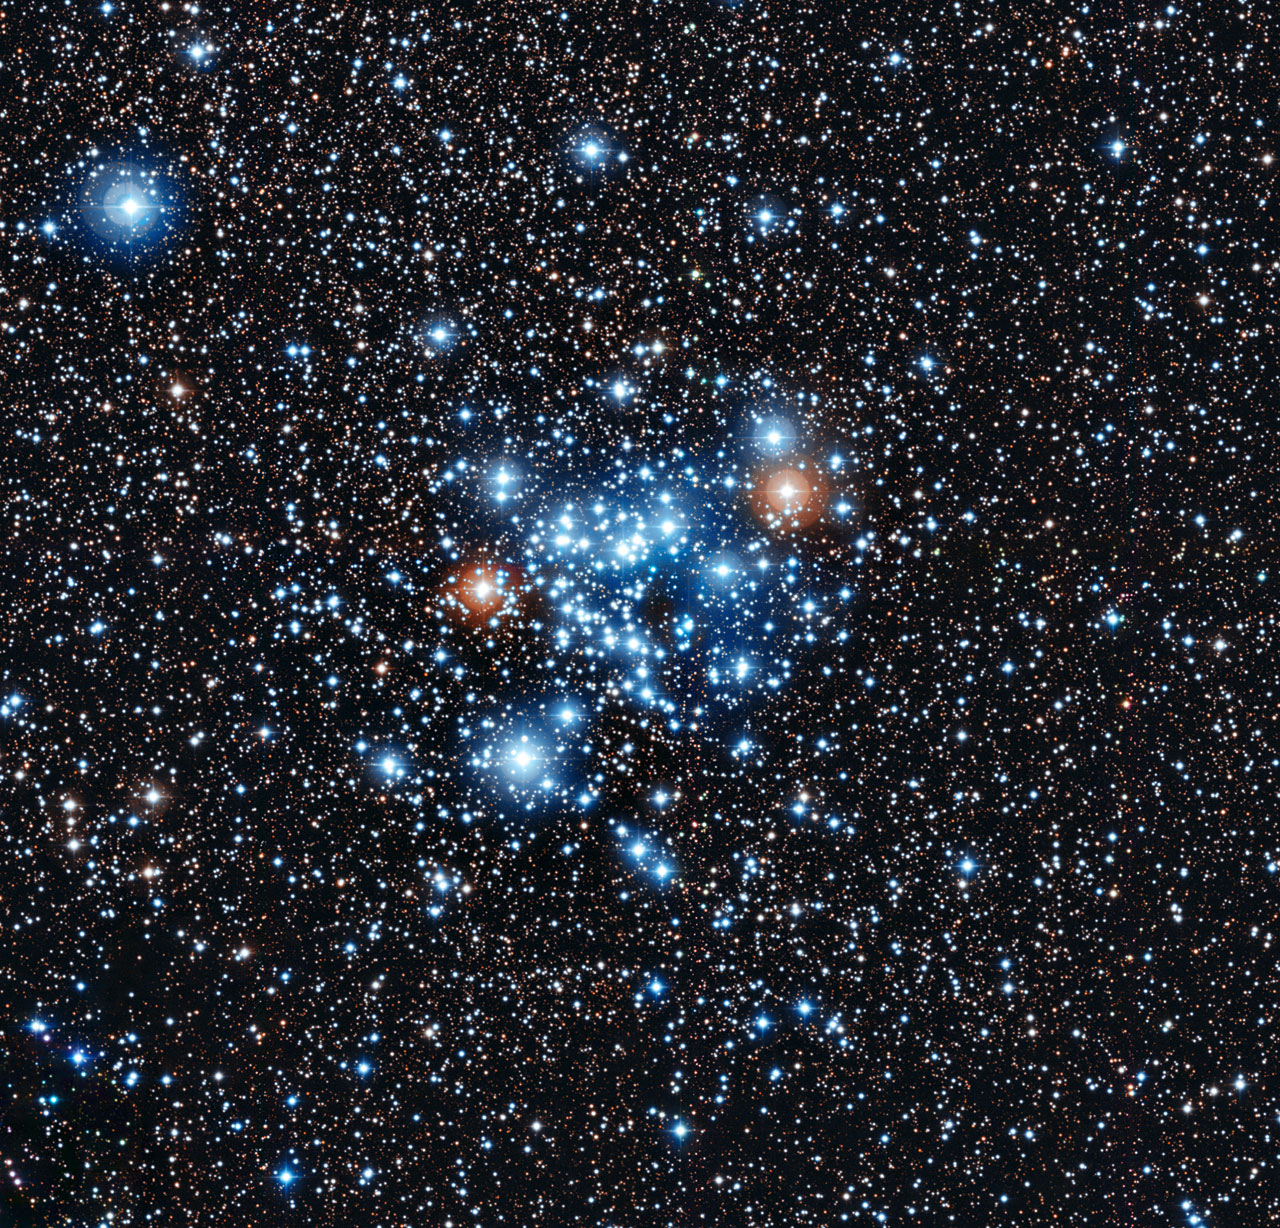 стройняшка натуральной картинки переменная звезда небольшом